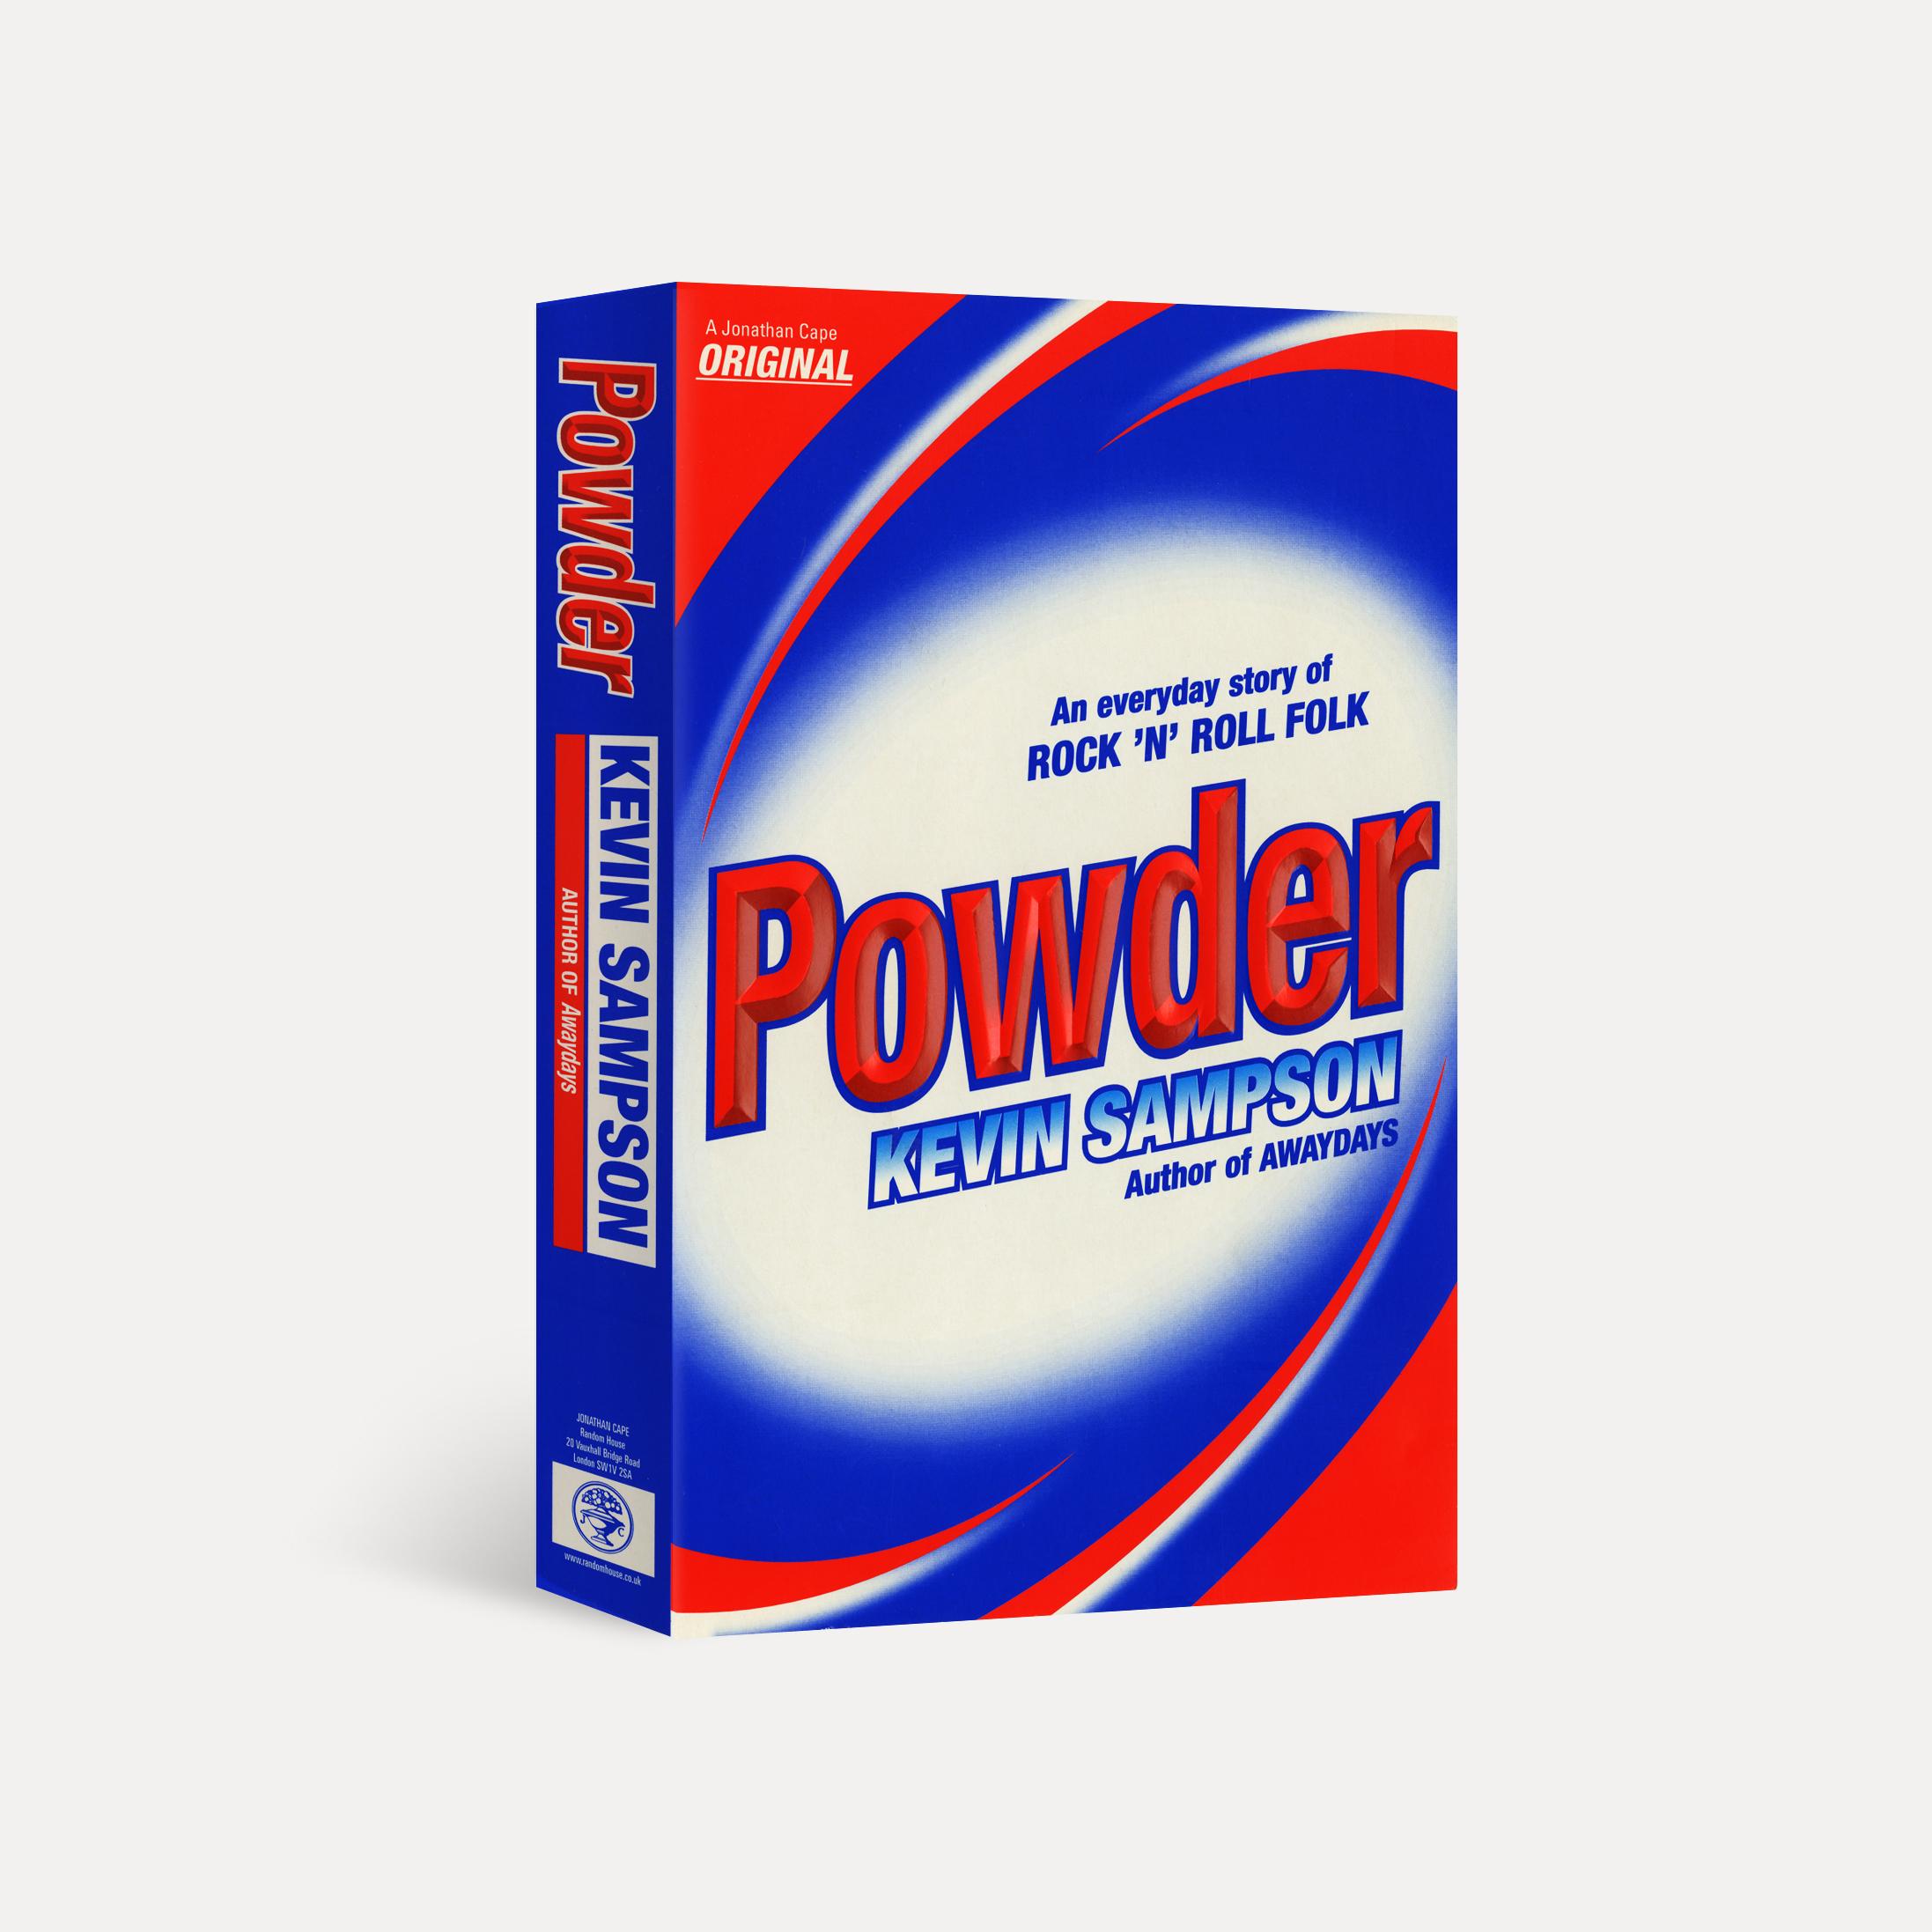 PowderBlue.jpg